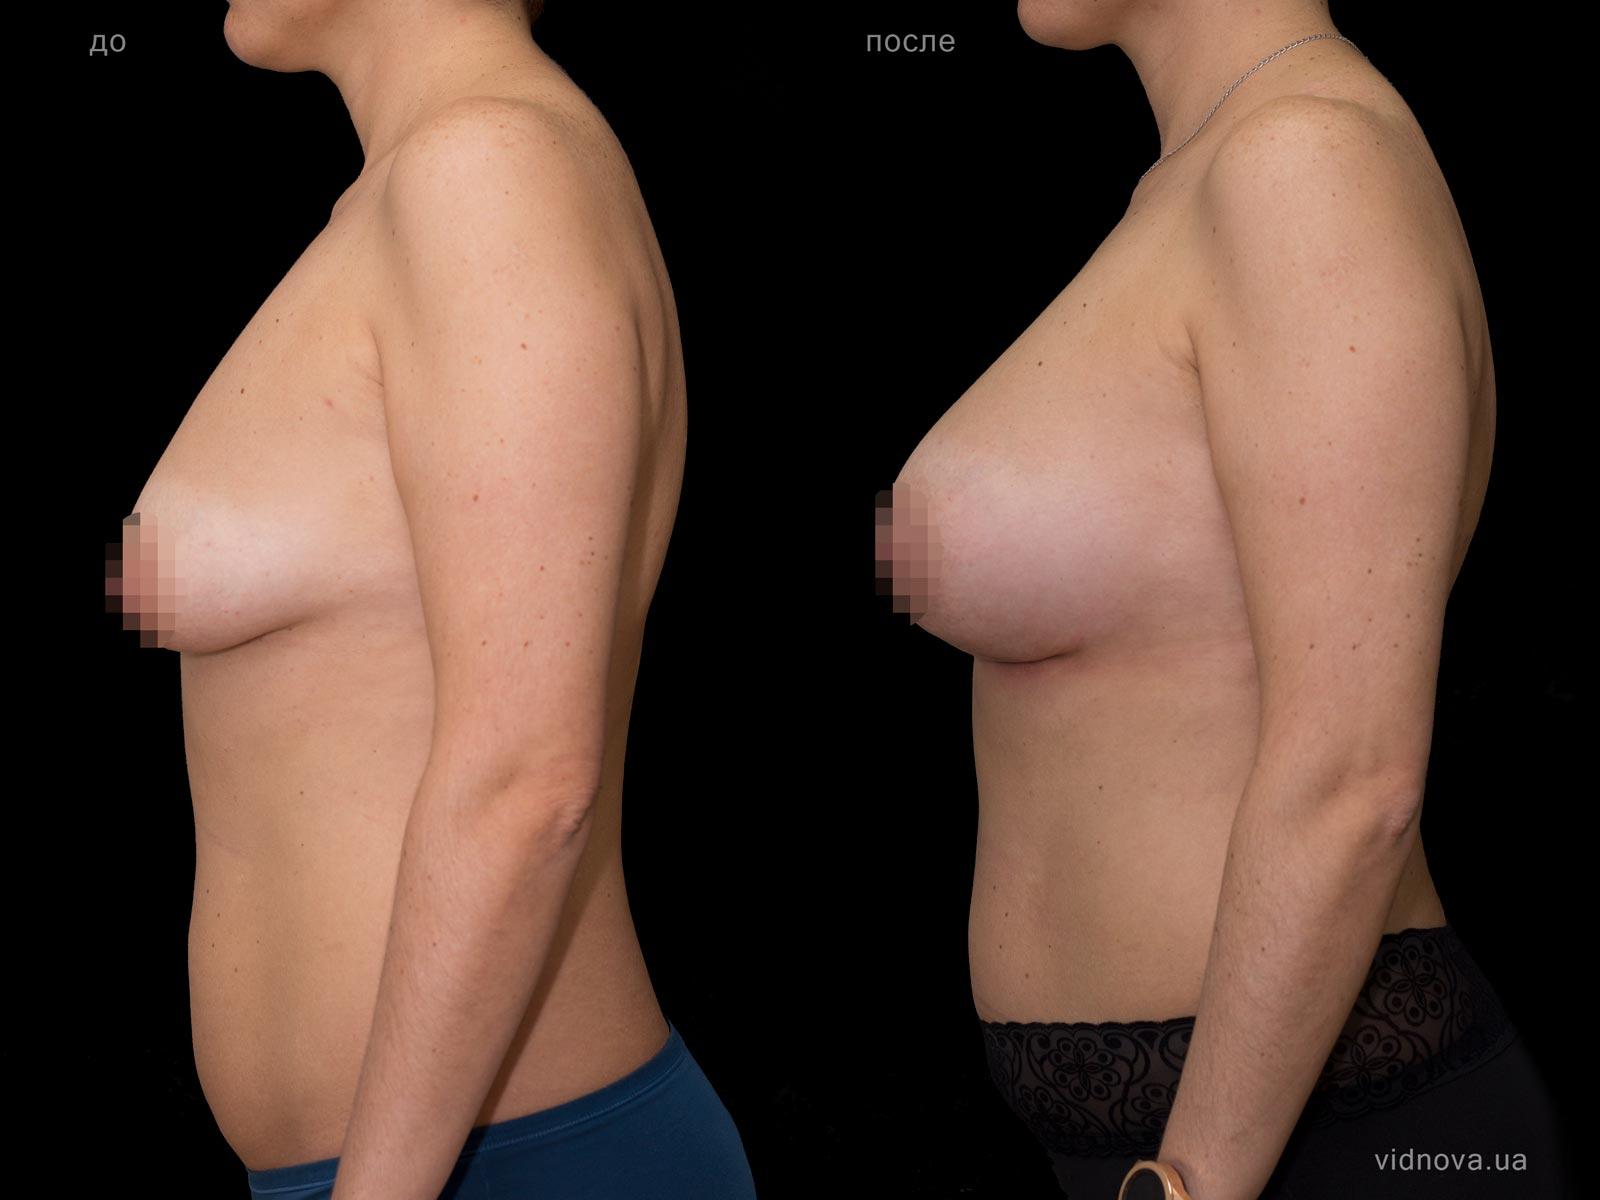 Пластика груди: результаты до и после - Пример №68-2 - Светлана Работенко